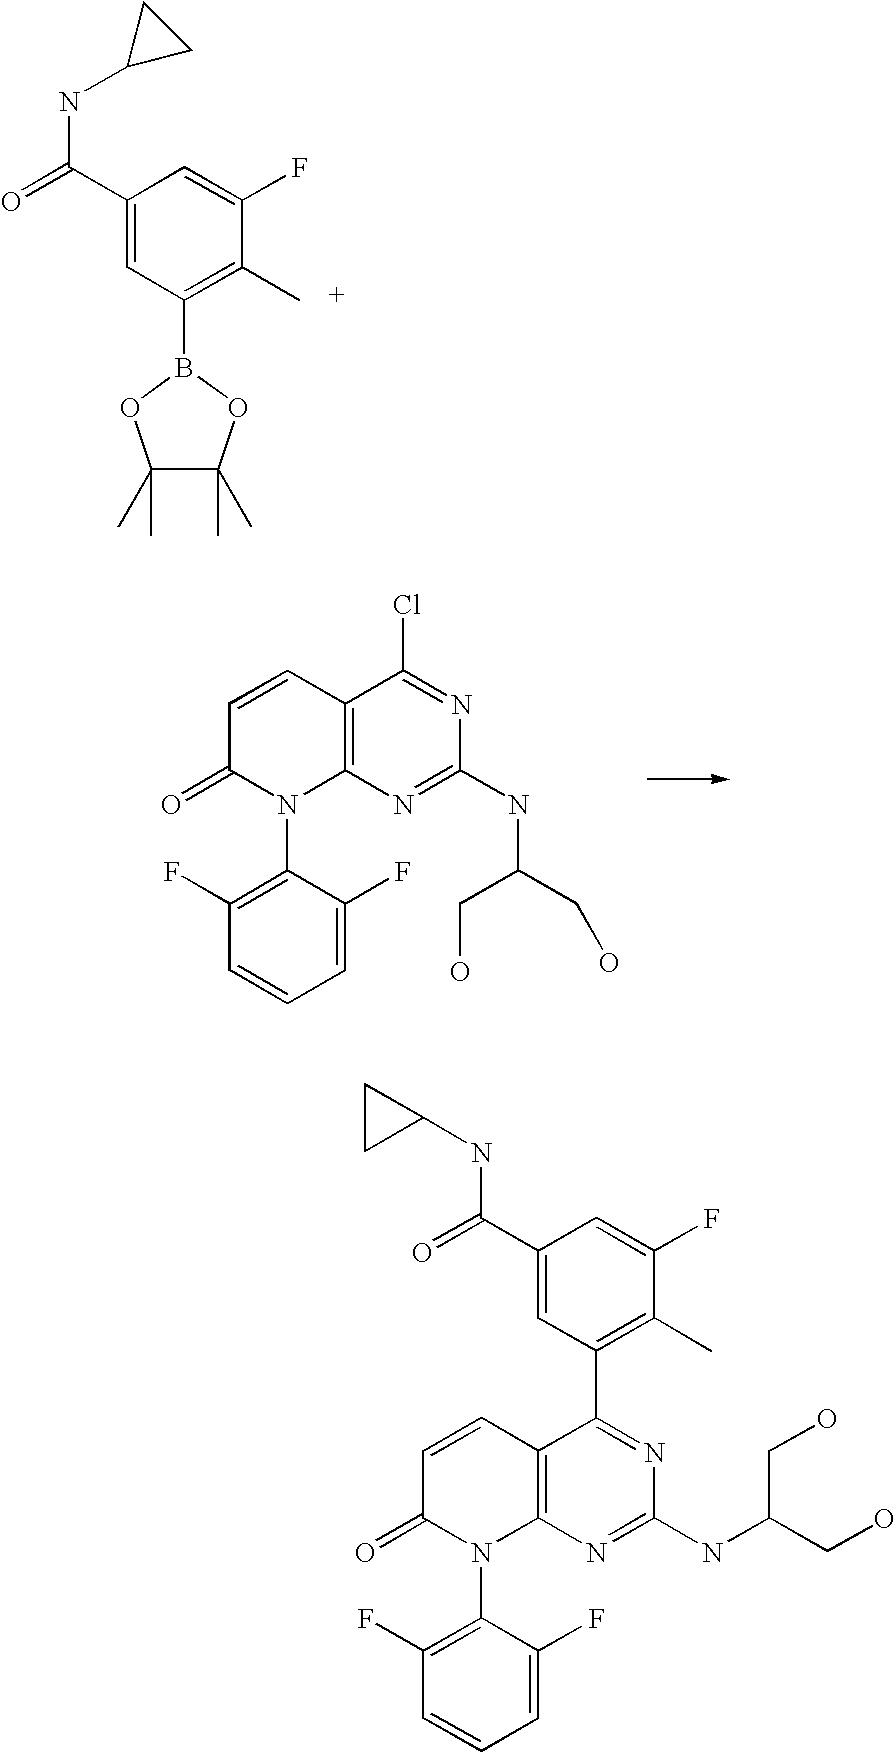 Figure US07479558-20090120-C00080